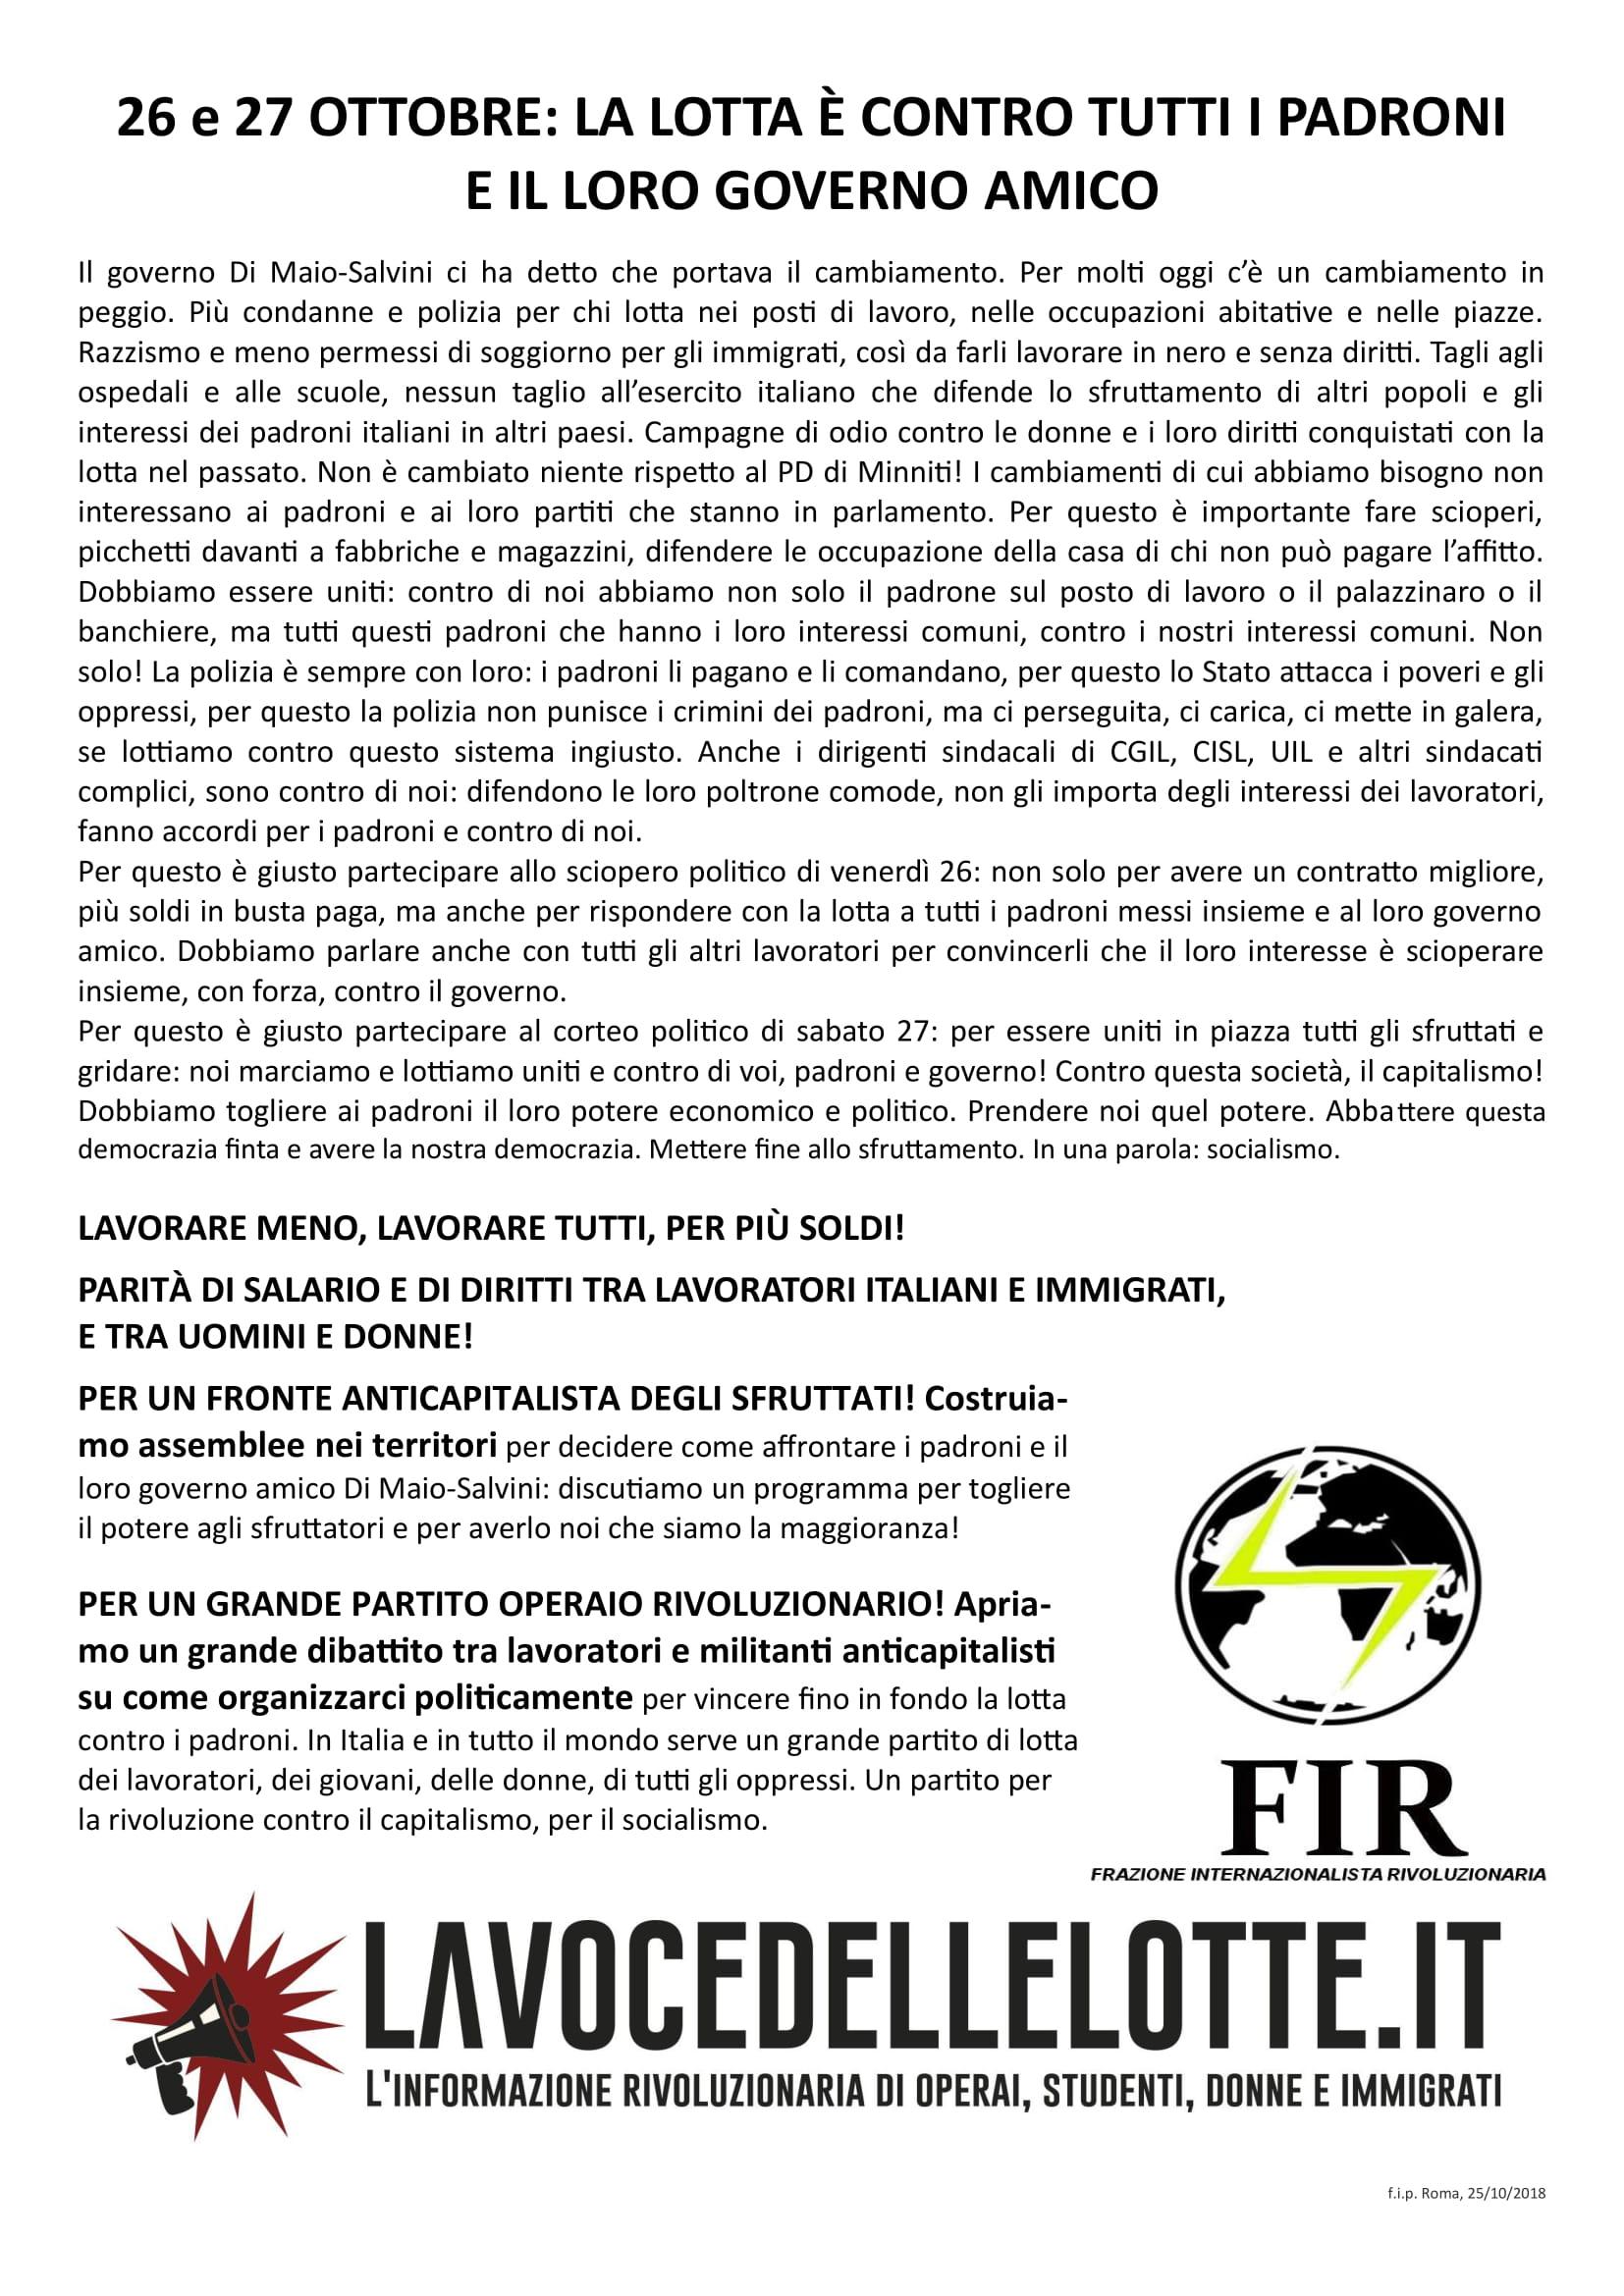 26 e 27 ottobre: la lotta è contro tutti i padroni e il loro governo amico